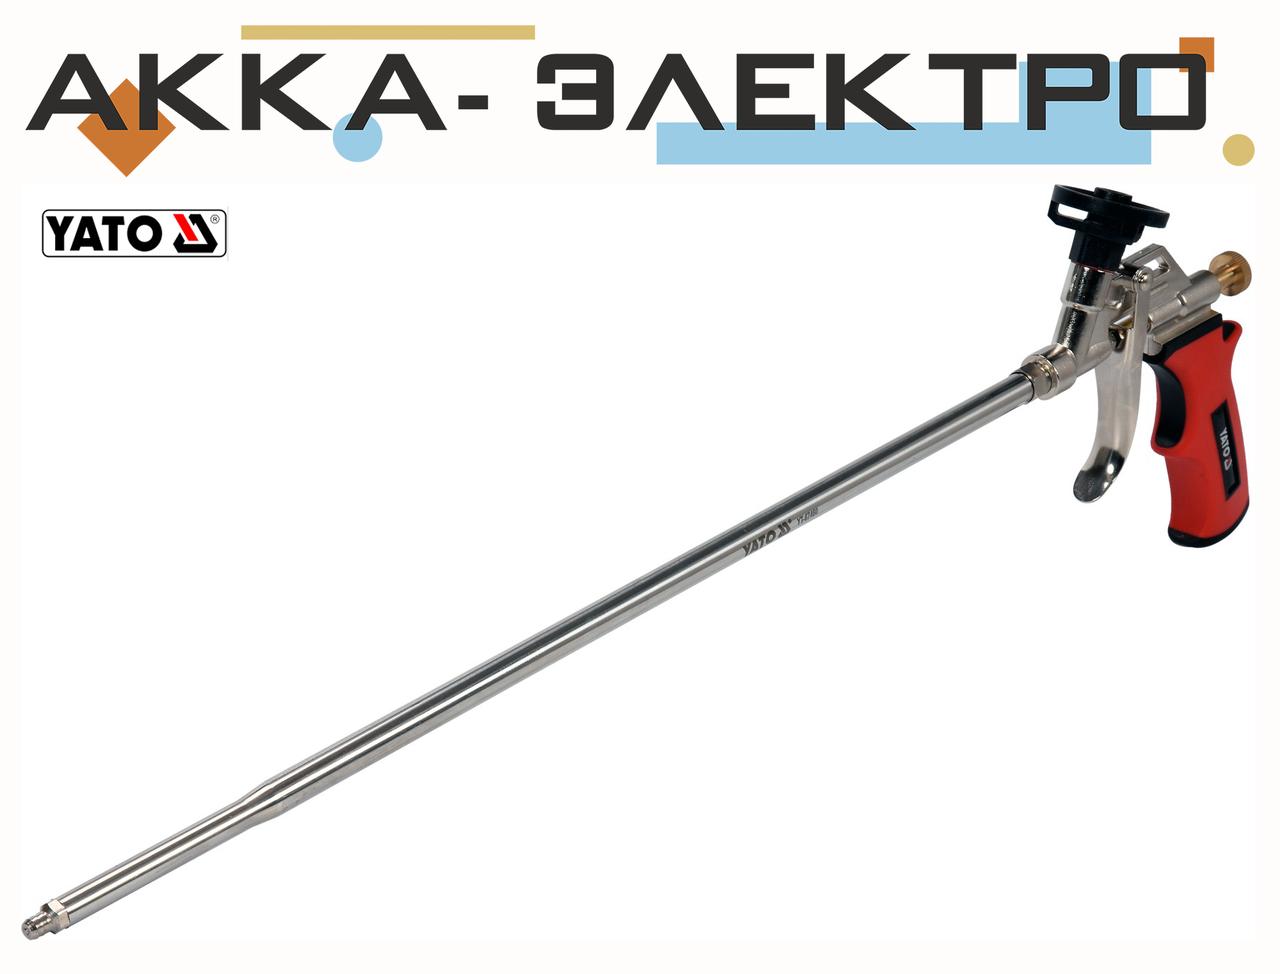 Пістолет для піни з довгим носиком 500мм YATO YT-67460